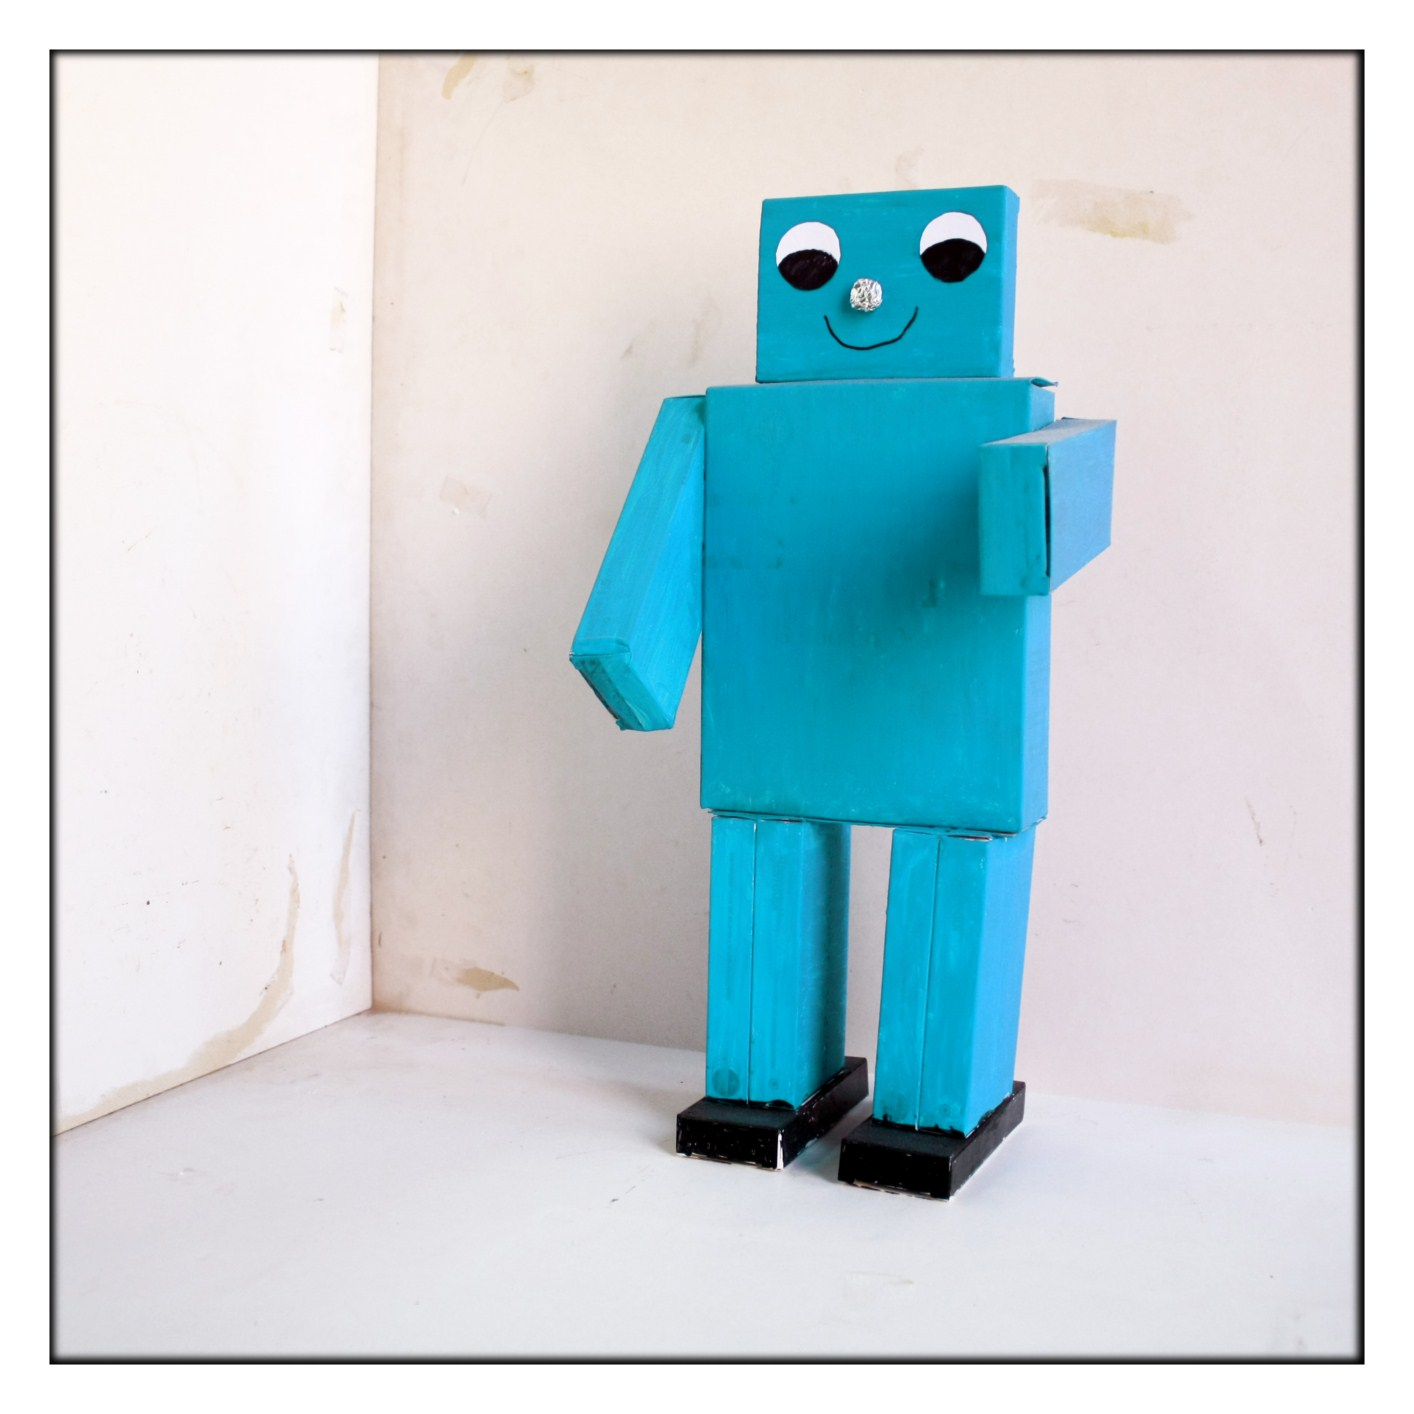 ROBOTS CON CAJAS   .imagenesola imagen y la educacion plastica y